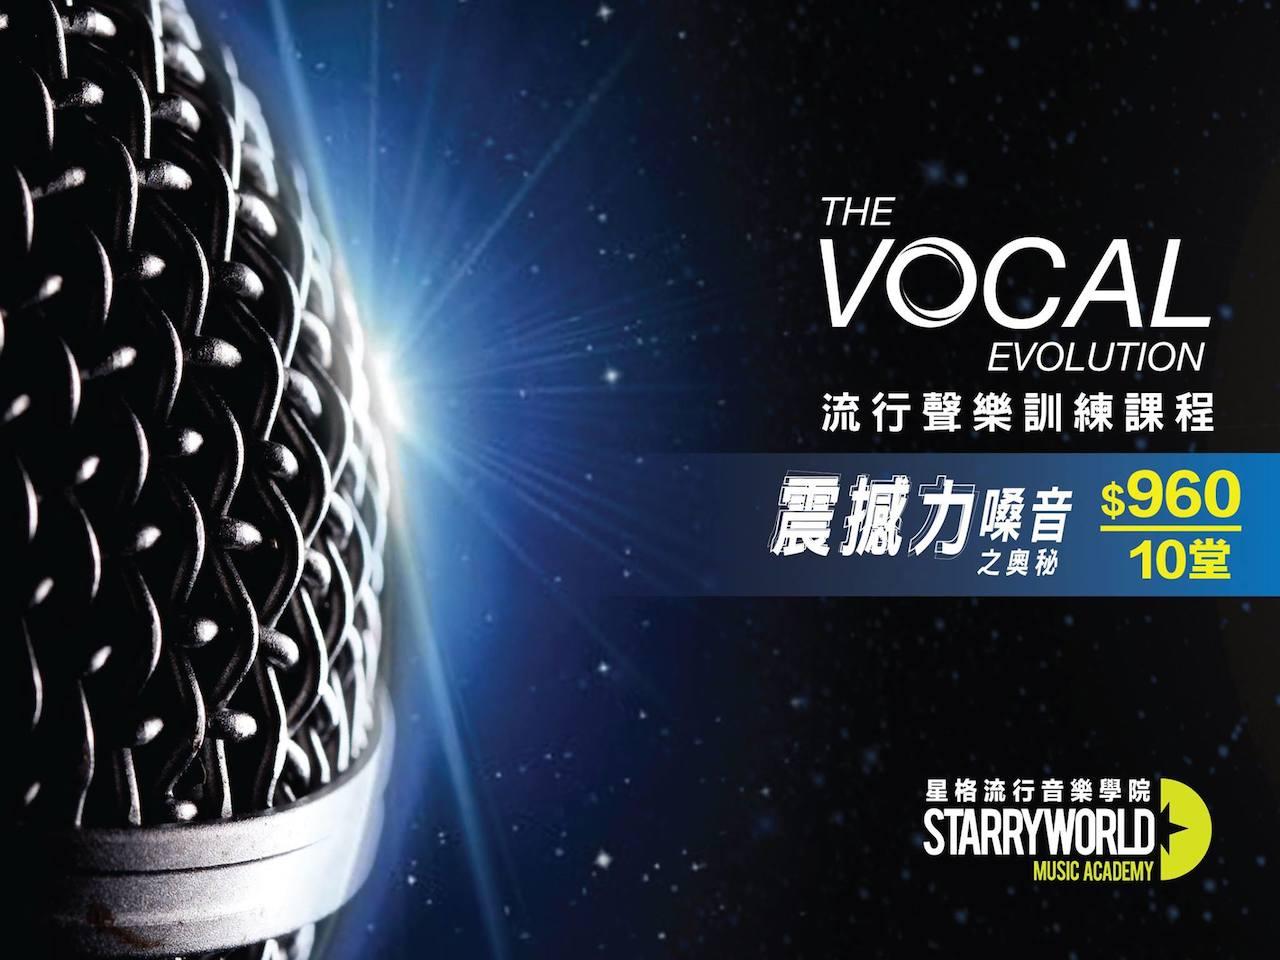 學唱歌的最佳選擇流行歌唱訓練課程